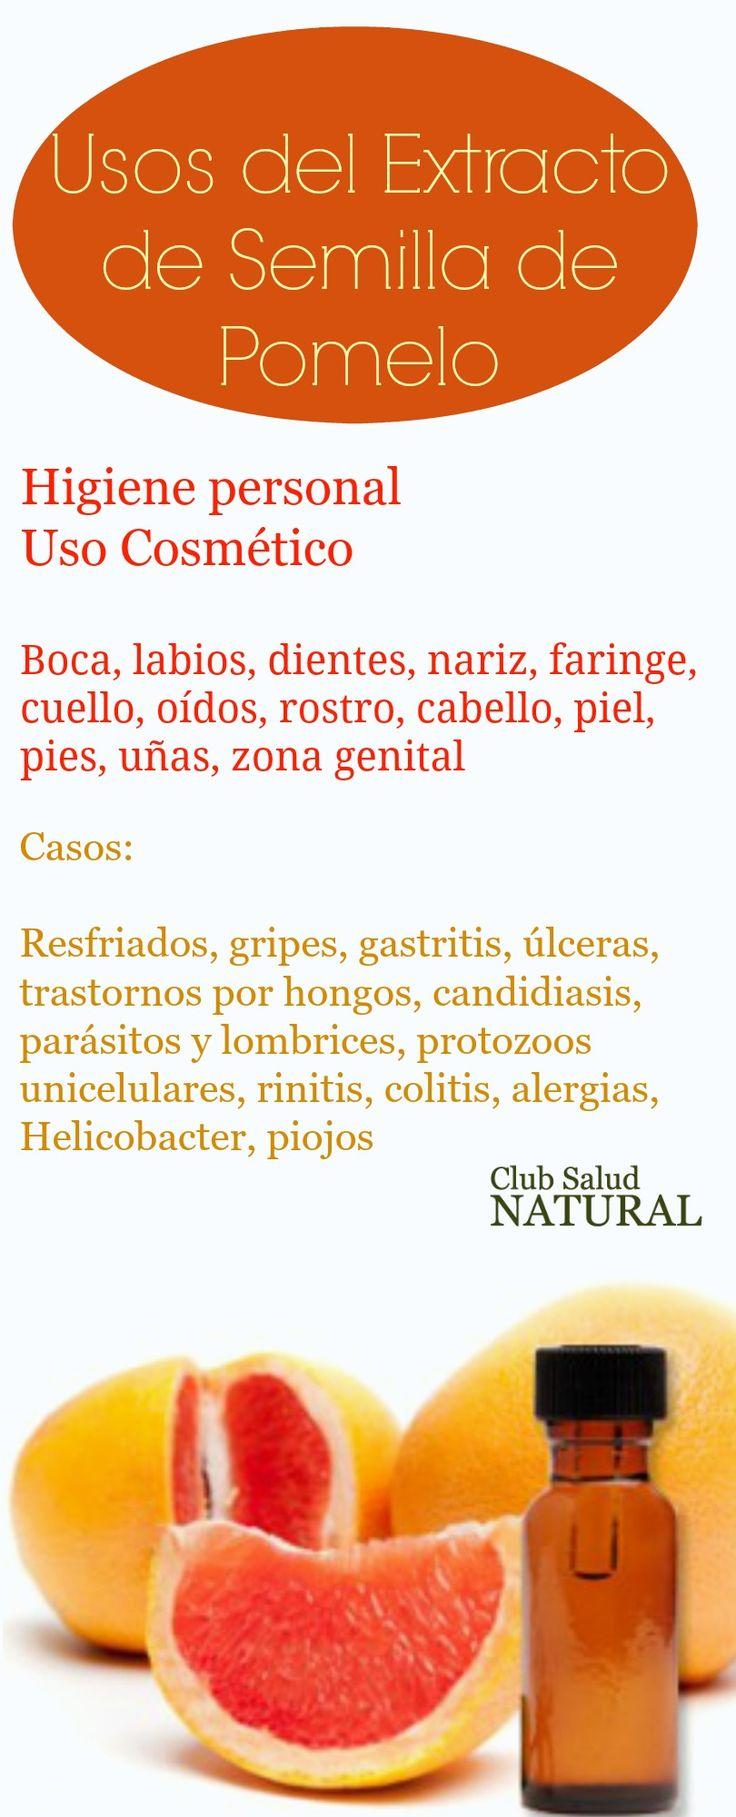 que medicamento reduce el acido urico se puede comer jamon serrano con acido urico la leche es mala para acido urico